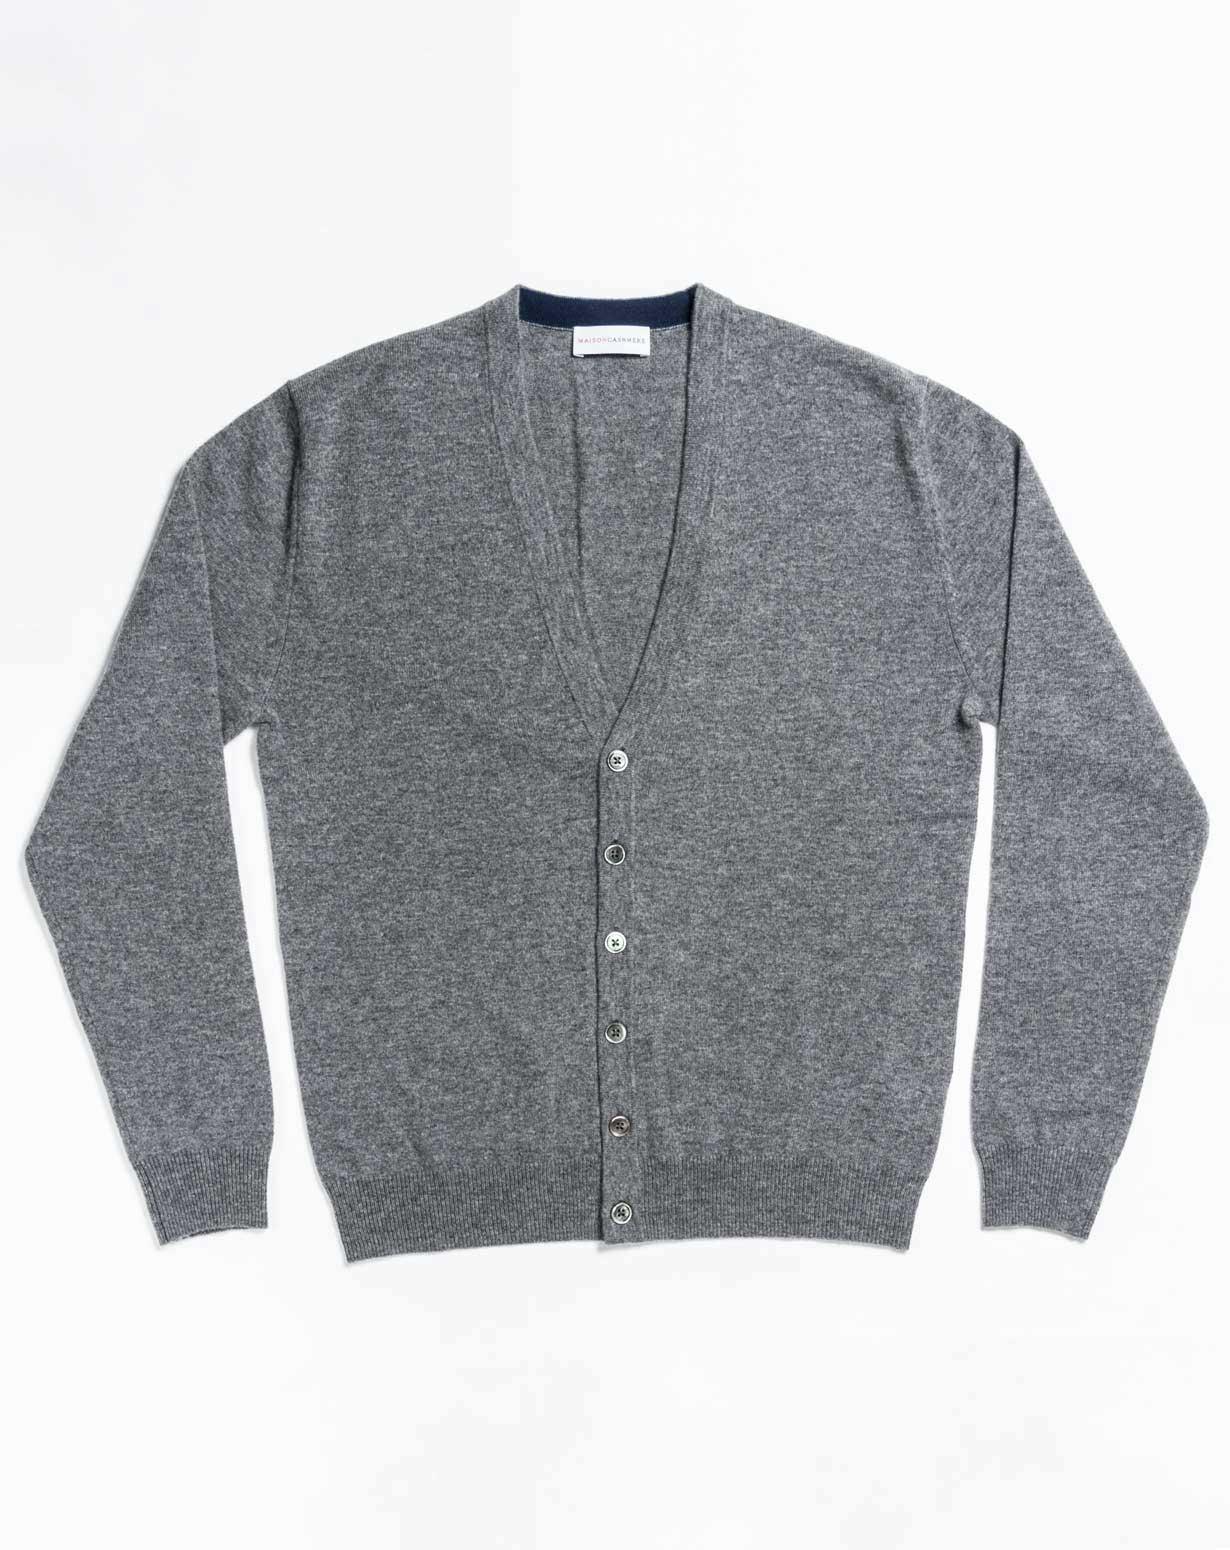 d8096d4e5302 Men s Plus Size Cardigan